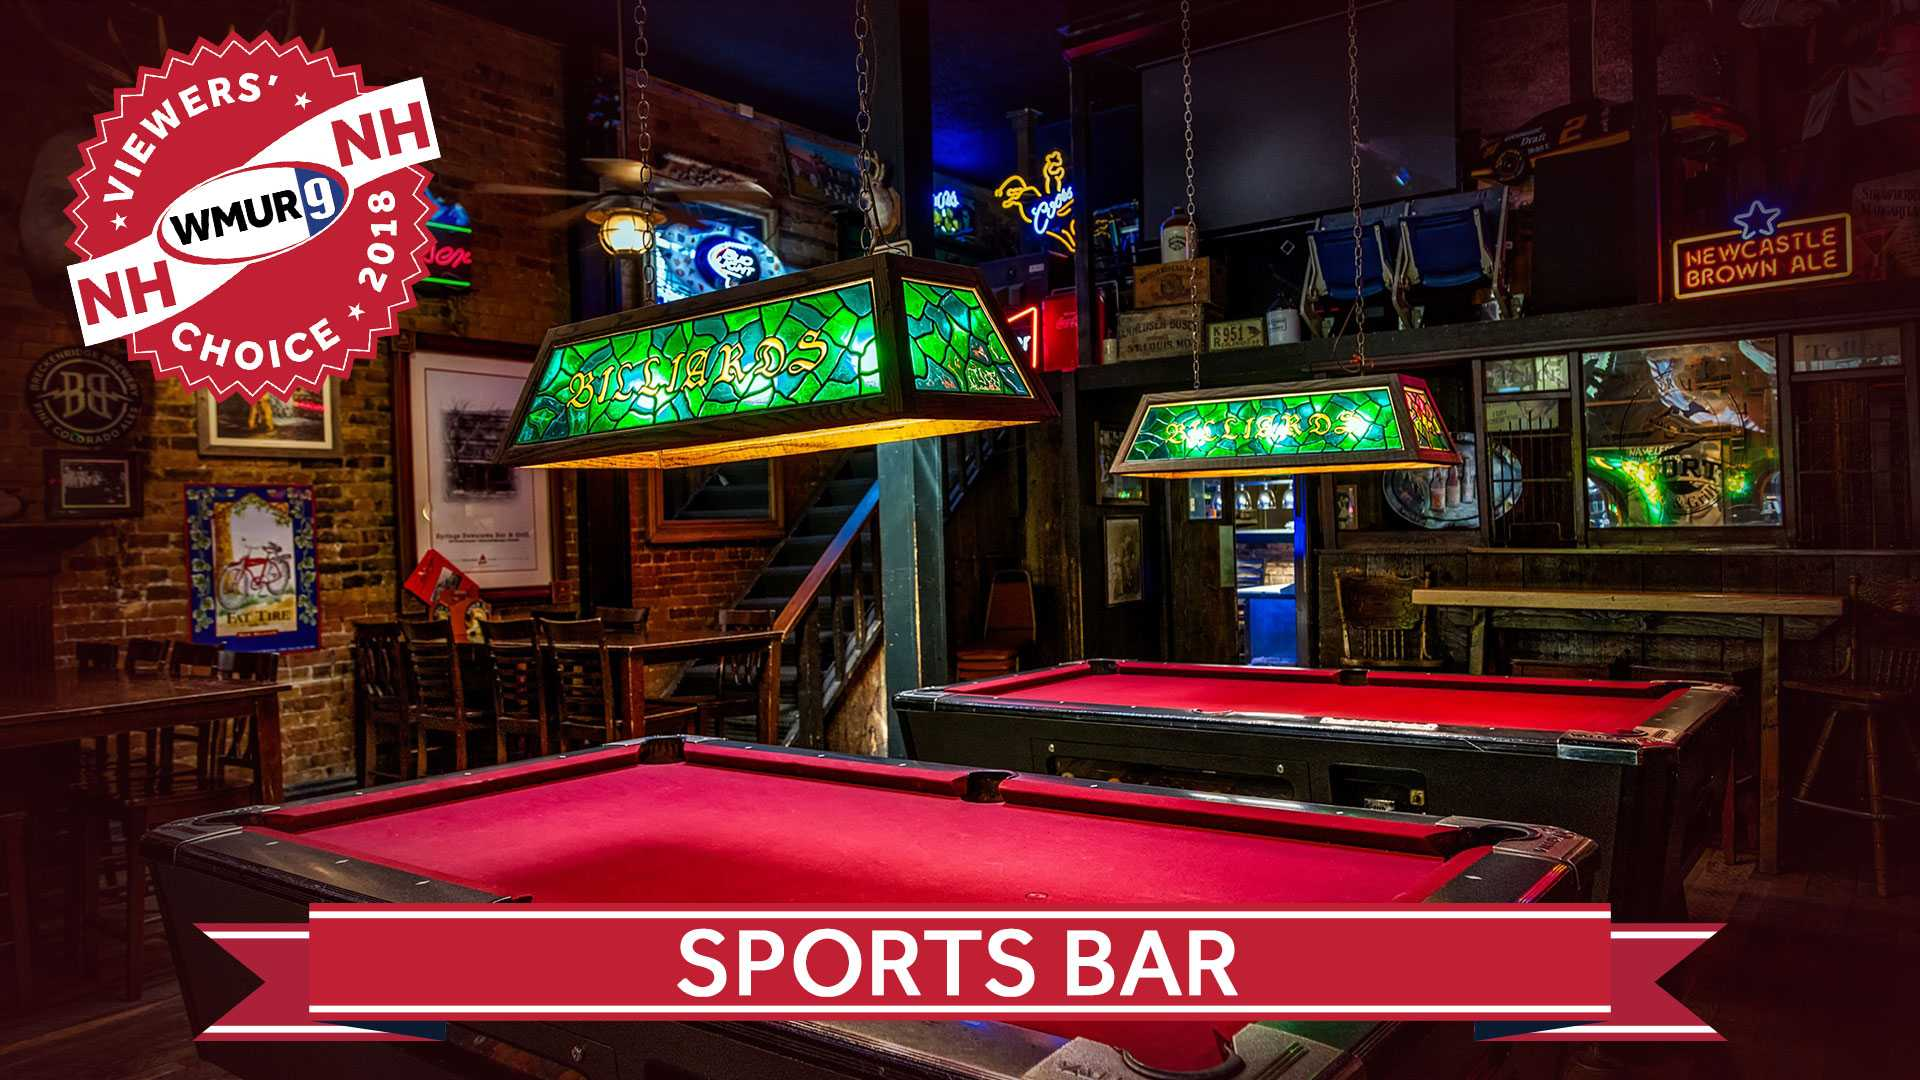 Viewers Choice Sports Bar